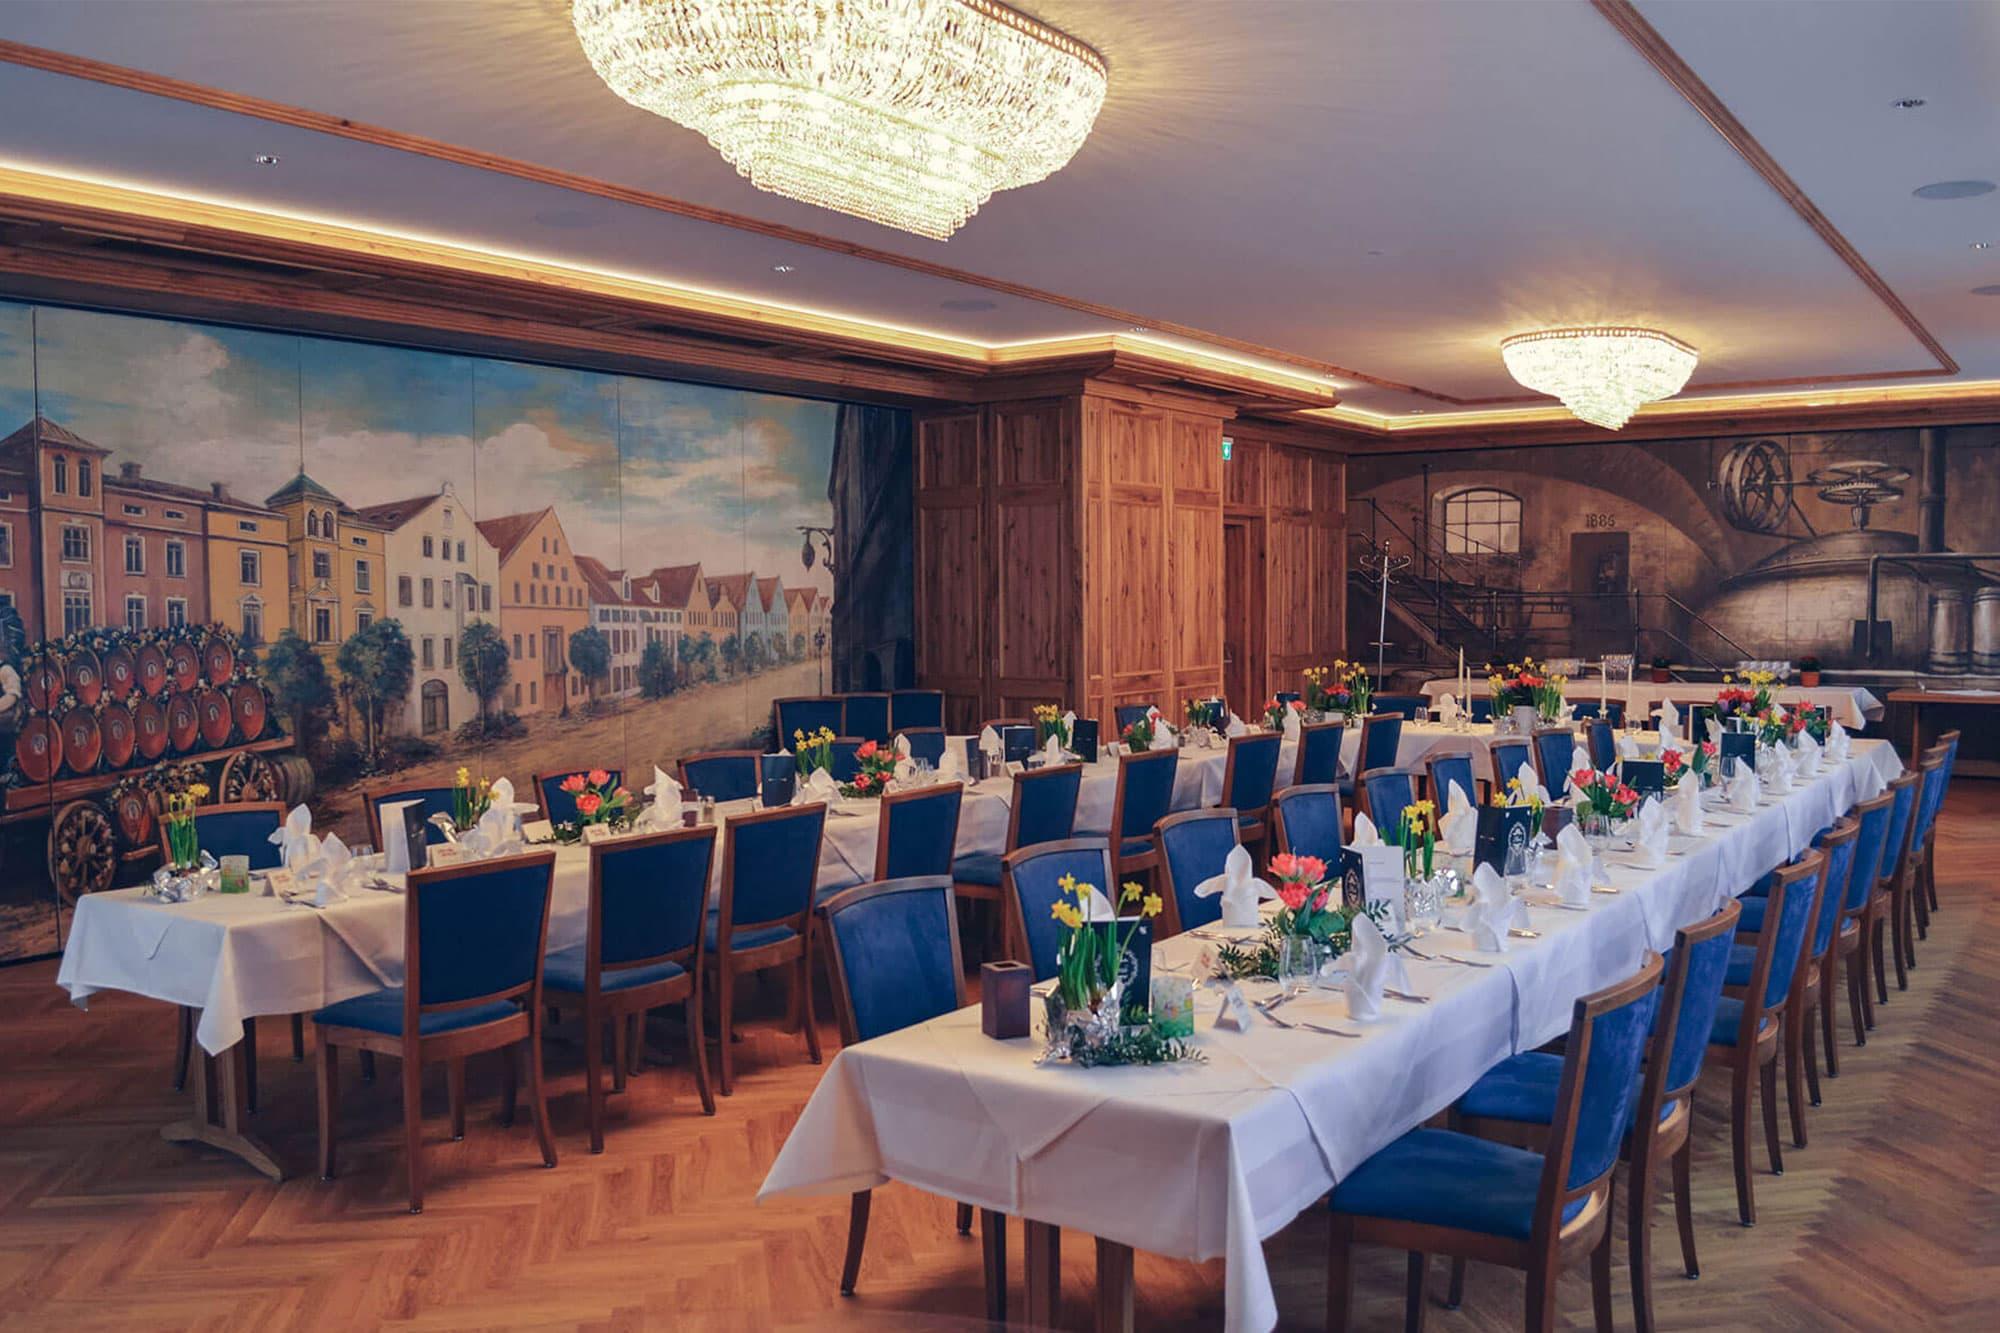 Gasthaus Erdinger - Muenchen - Bilder - Saal 2